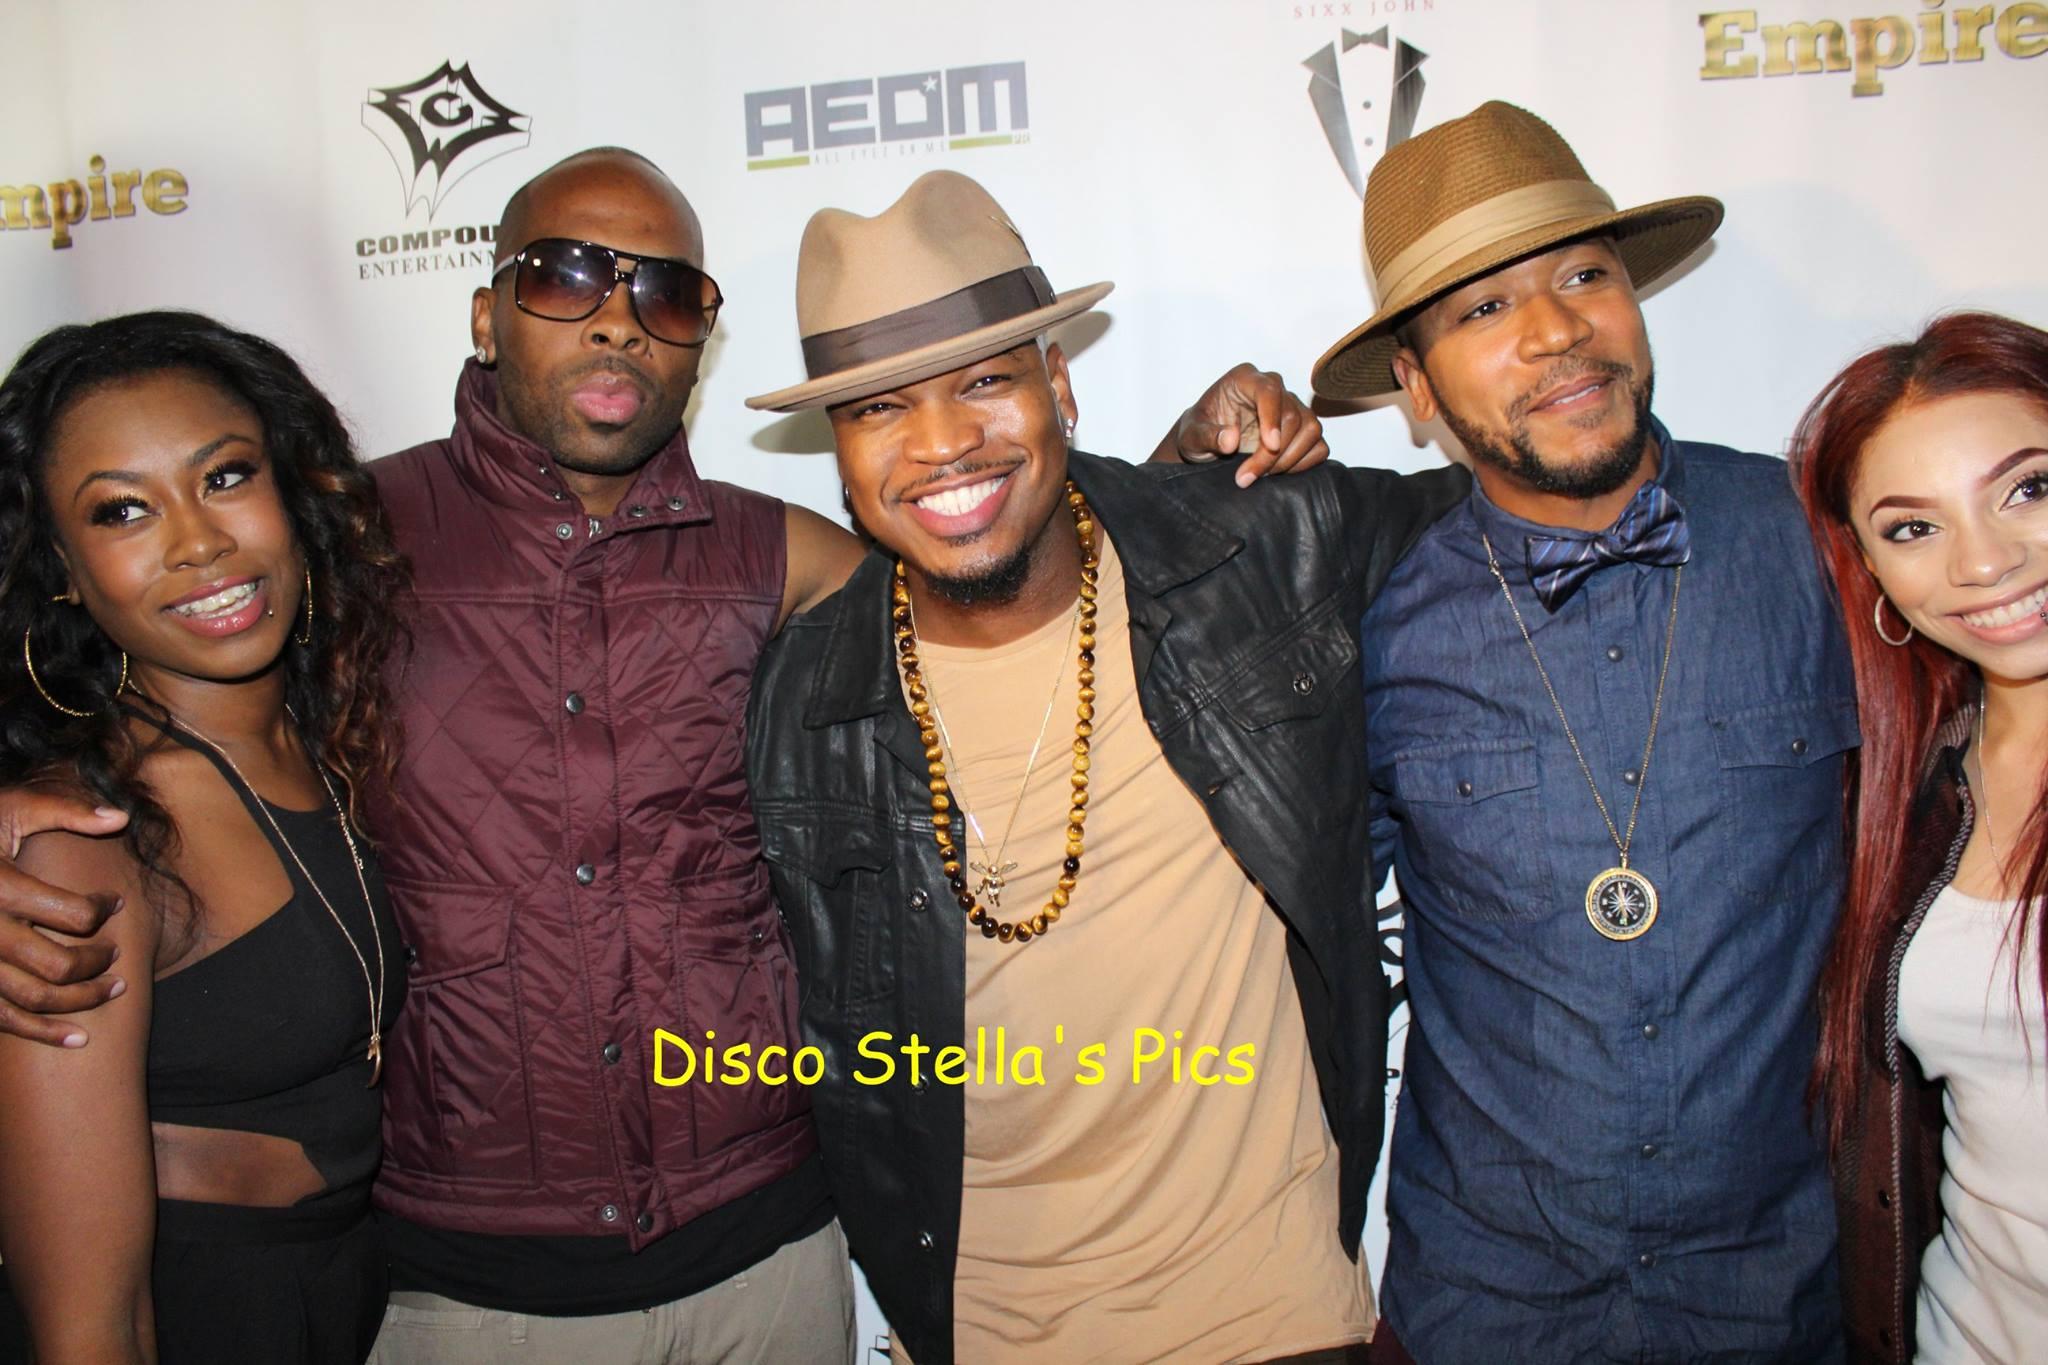 Disco Stella's Pics - Sixx John